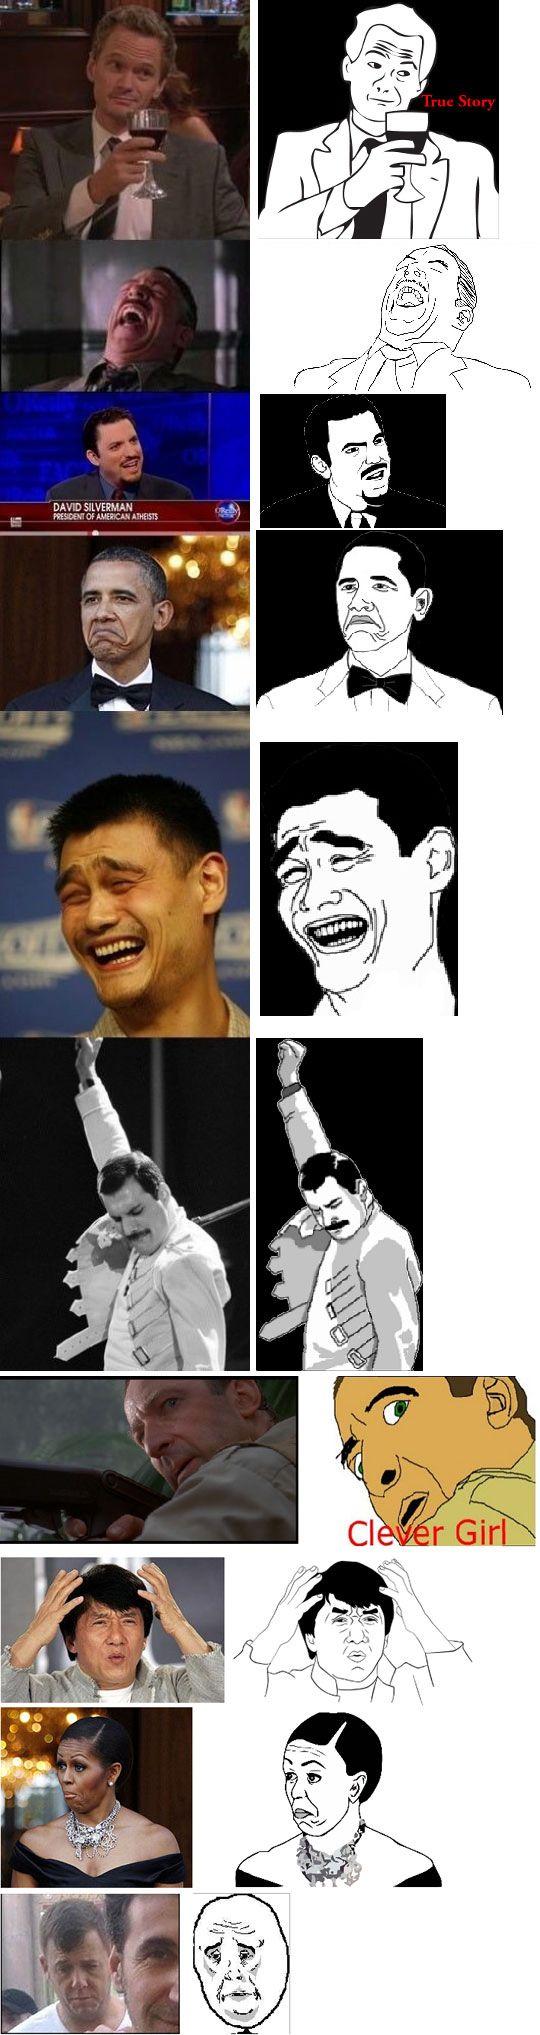 3781e60e55dbbcad05f858d023d2a6d4 life memes list of memes best 25 meme faces ideas on pinterest snow movie, snow white,Meme List Face